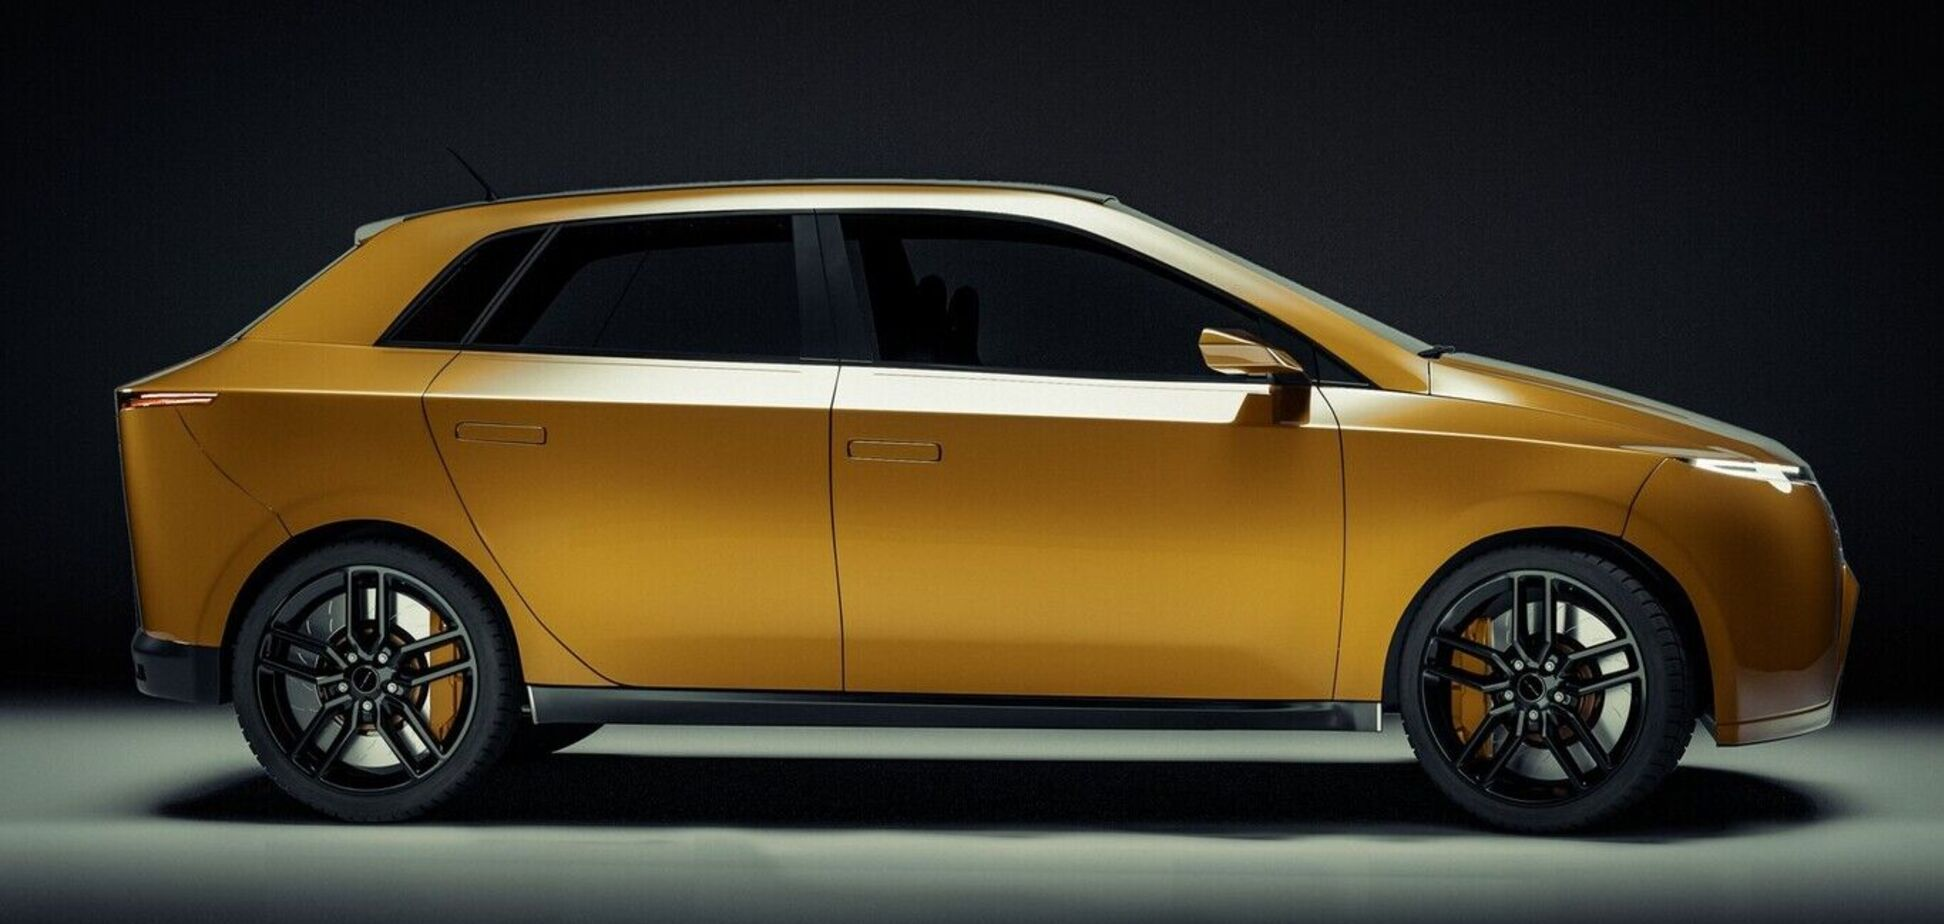 Испанцы представили дешевый электромобиль с запасом хода 400 км